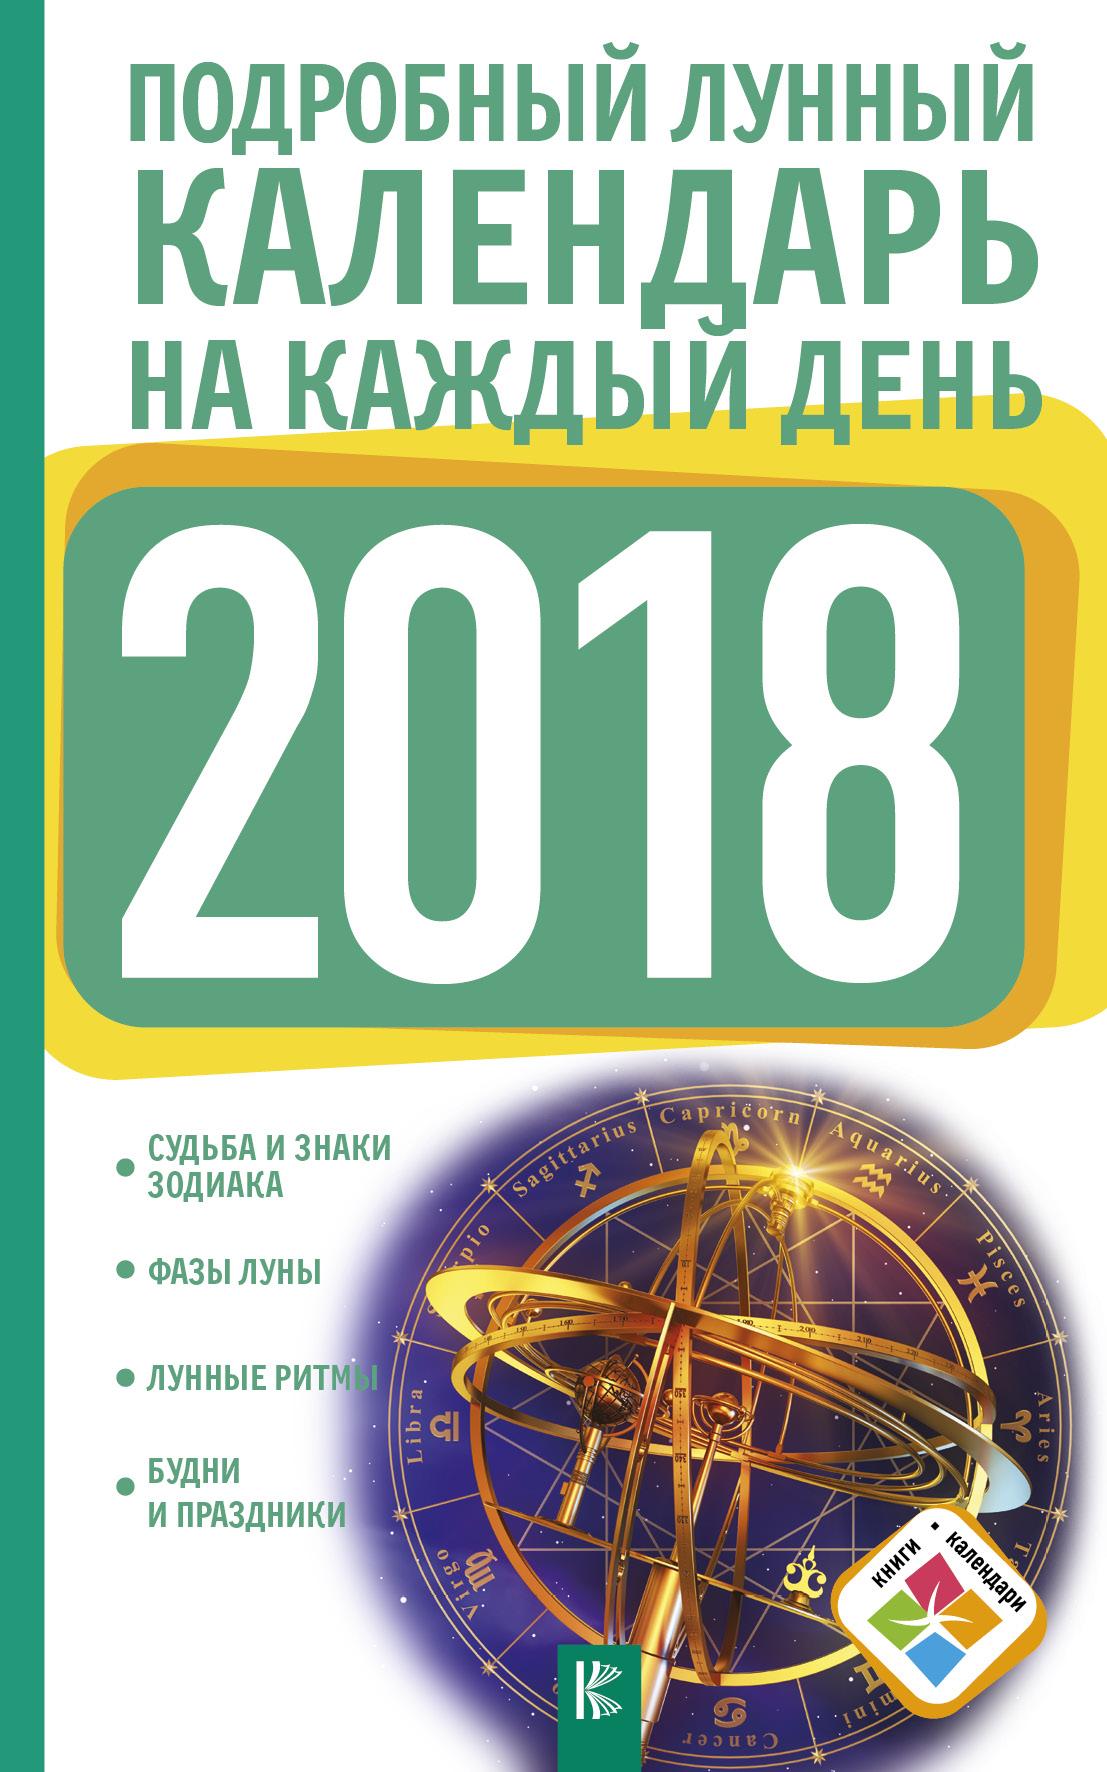 Виноградова Н. Подробный лунный календарь на каждый день 2018 года ISBN: 978-5-17-104585-2